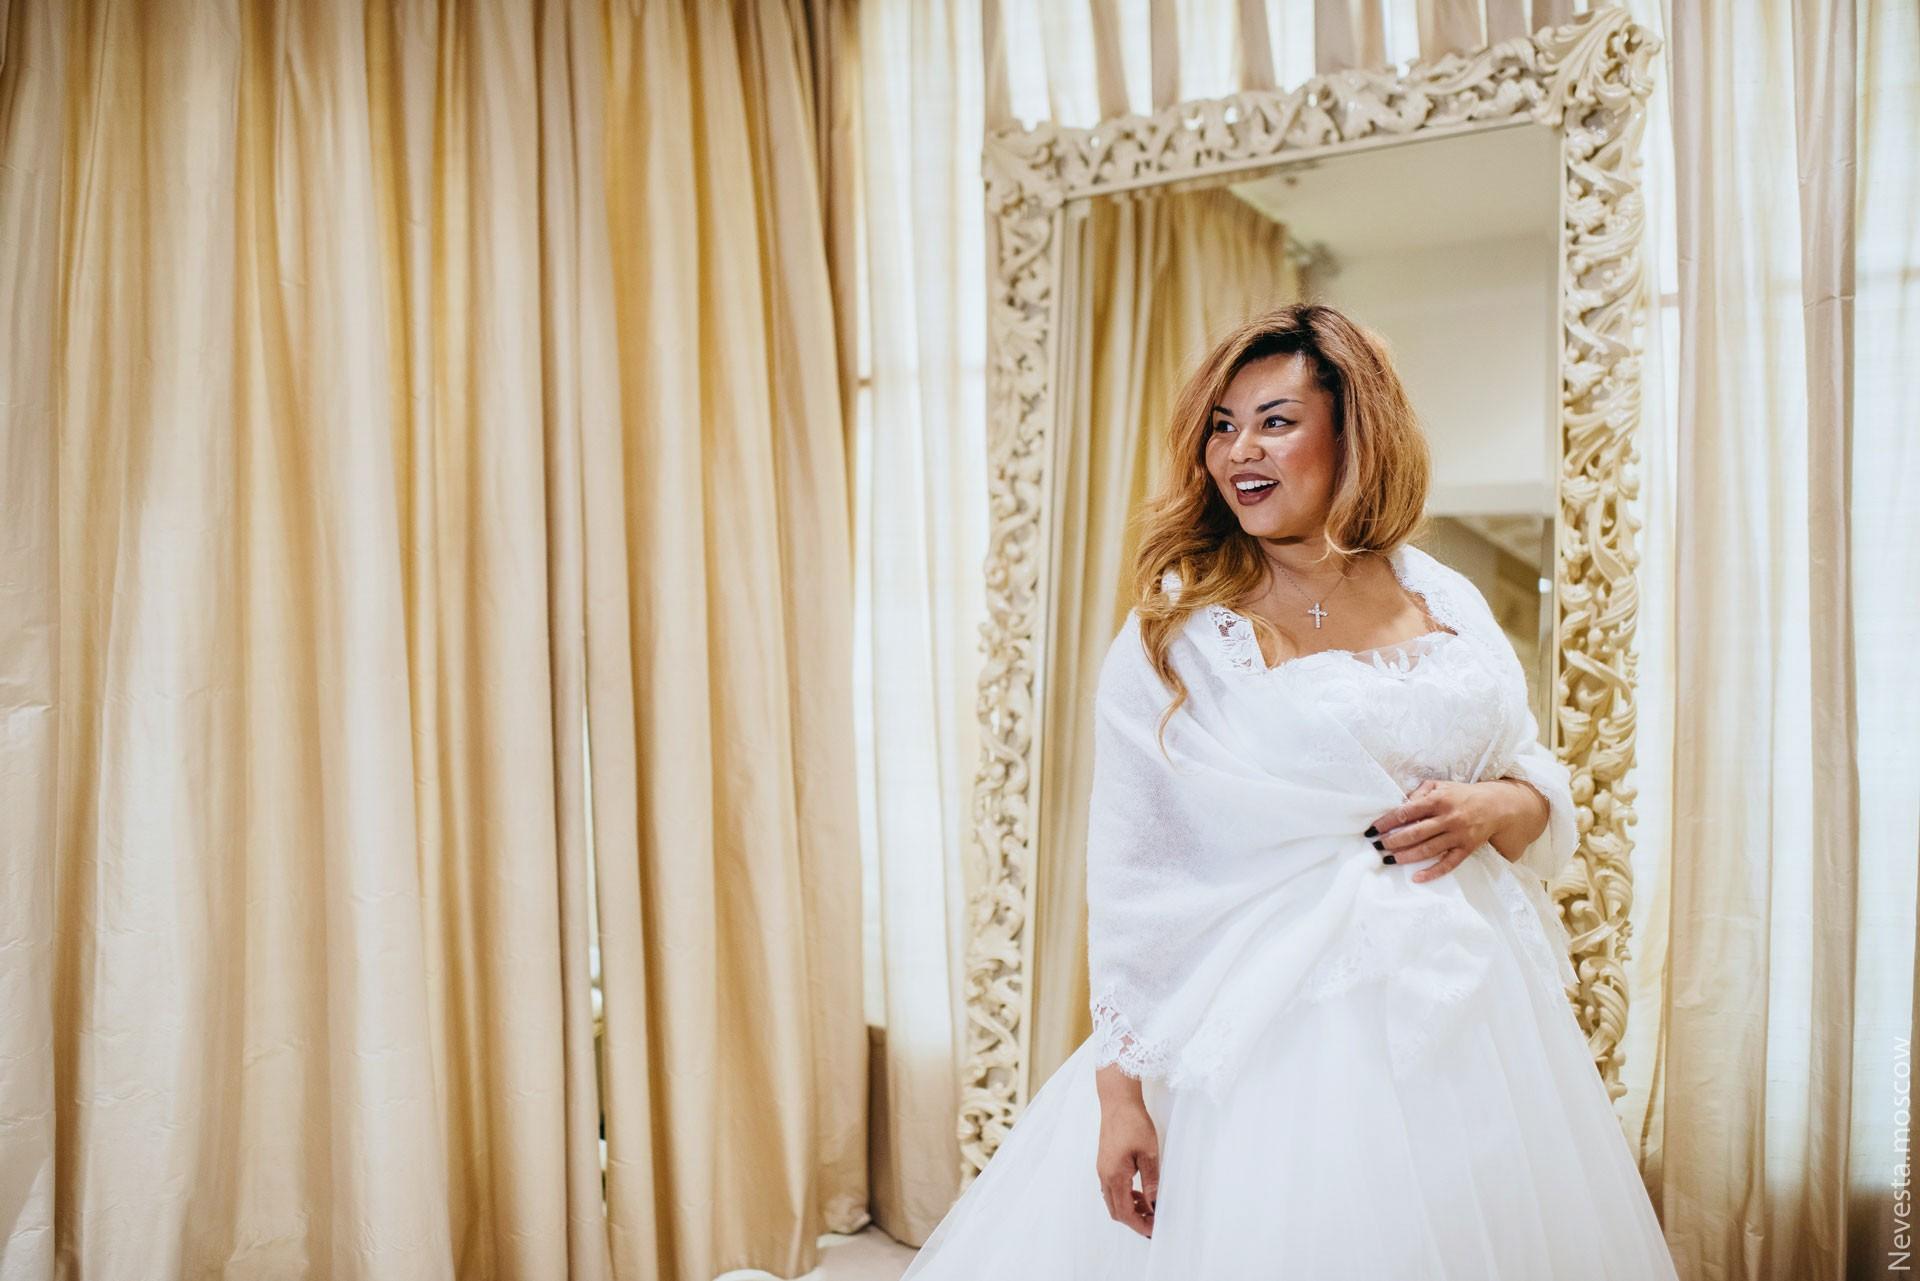 Корнелия Манго невеста свадьба выбор платья фото 11